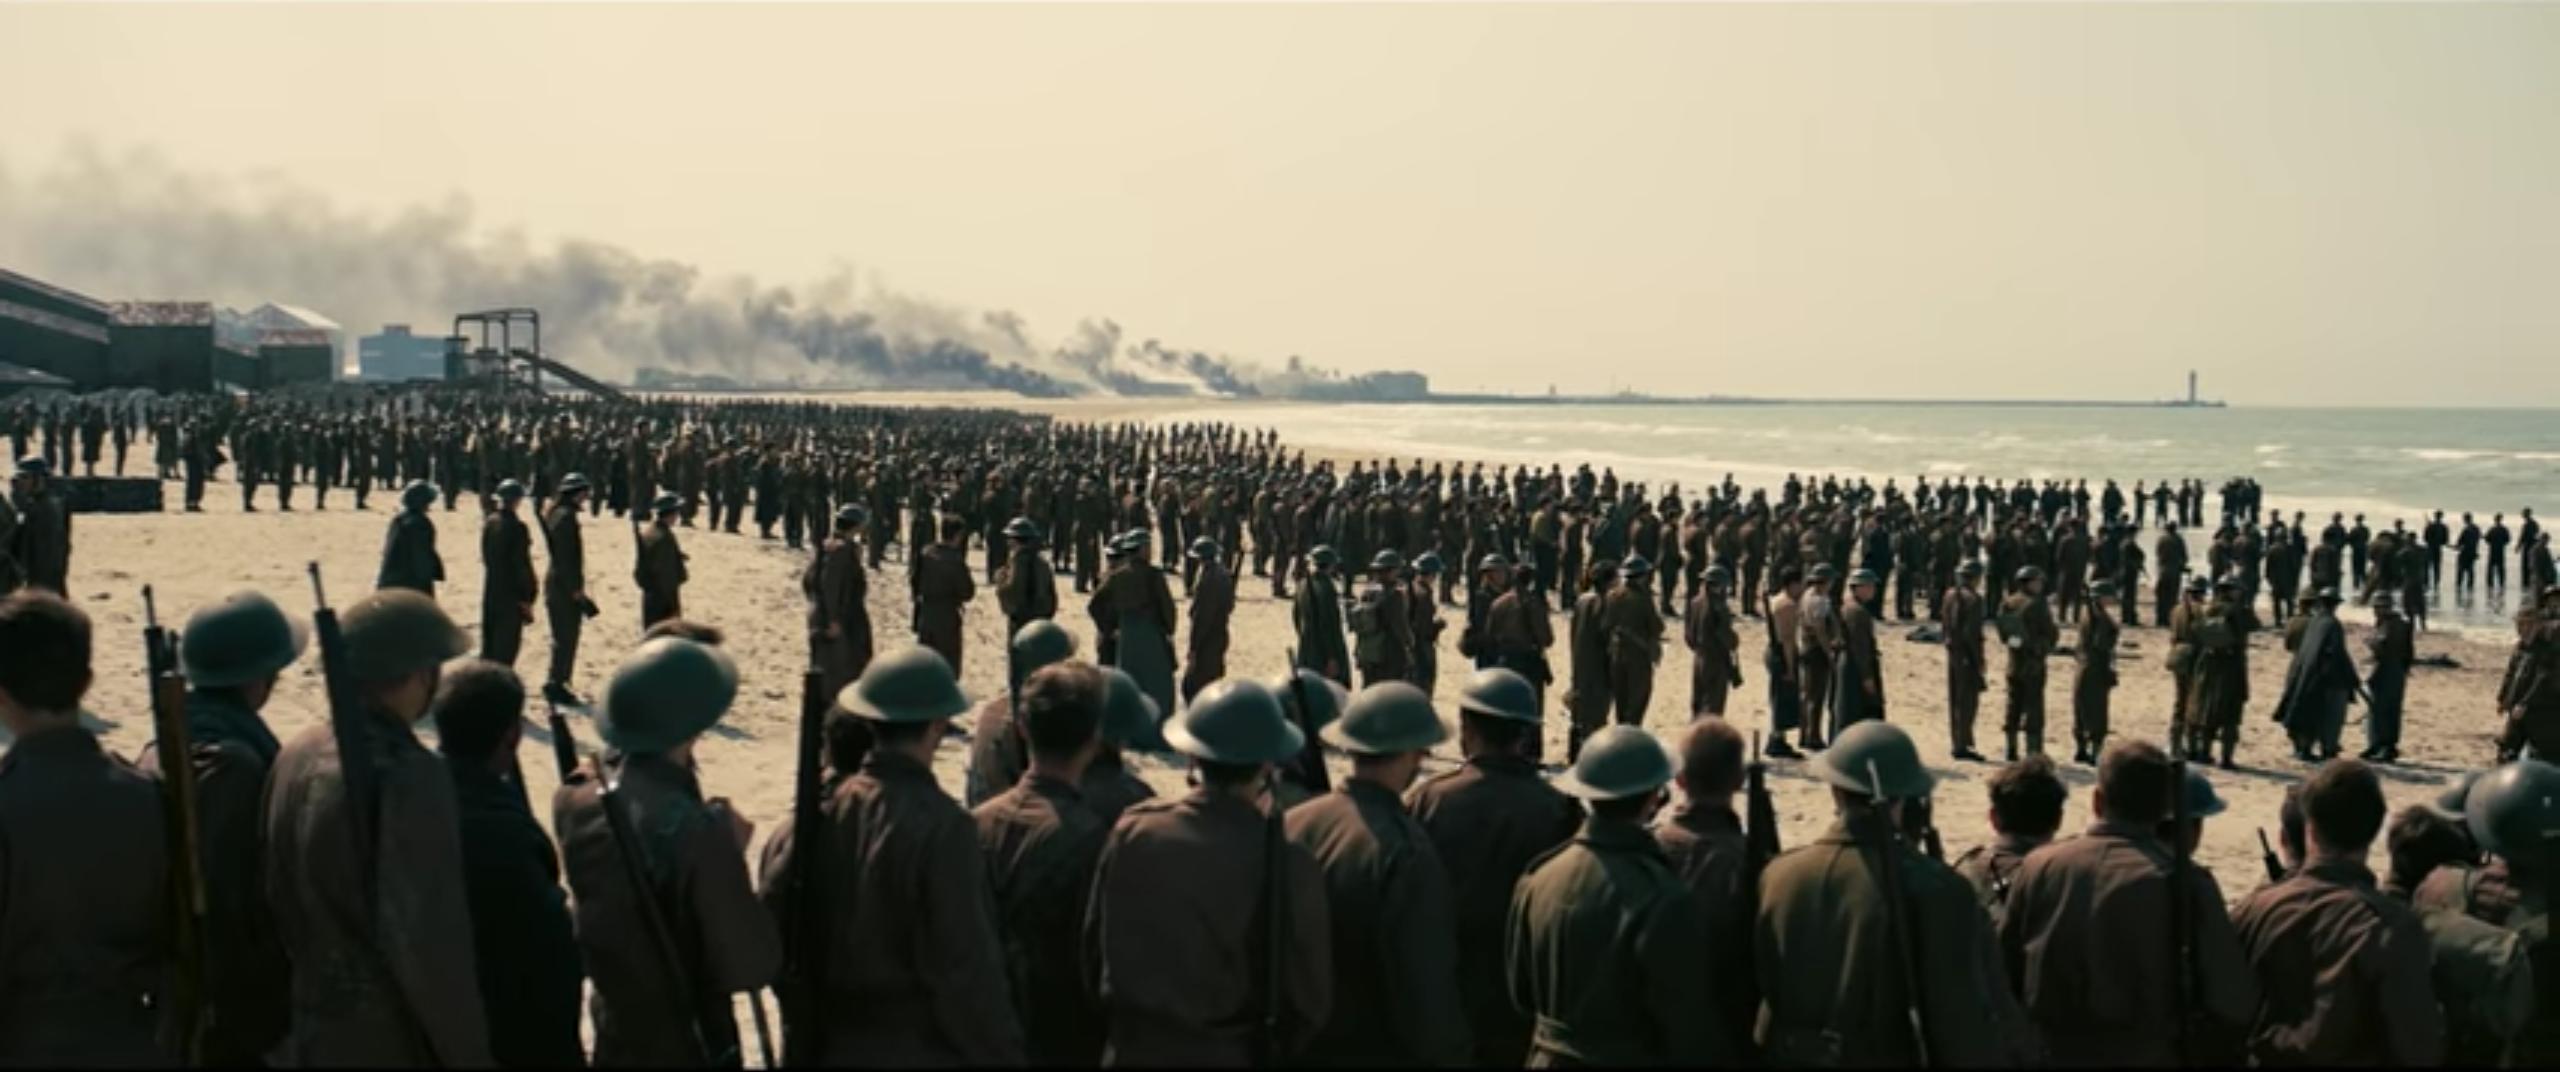 La battaglia di Dunkirk